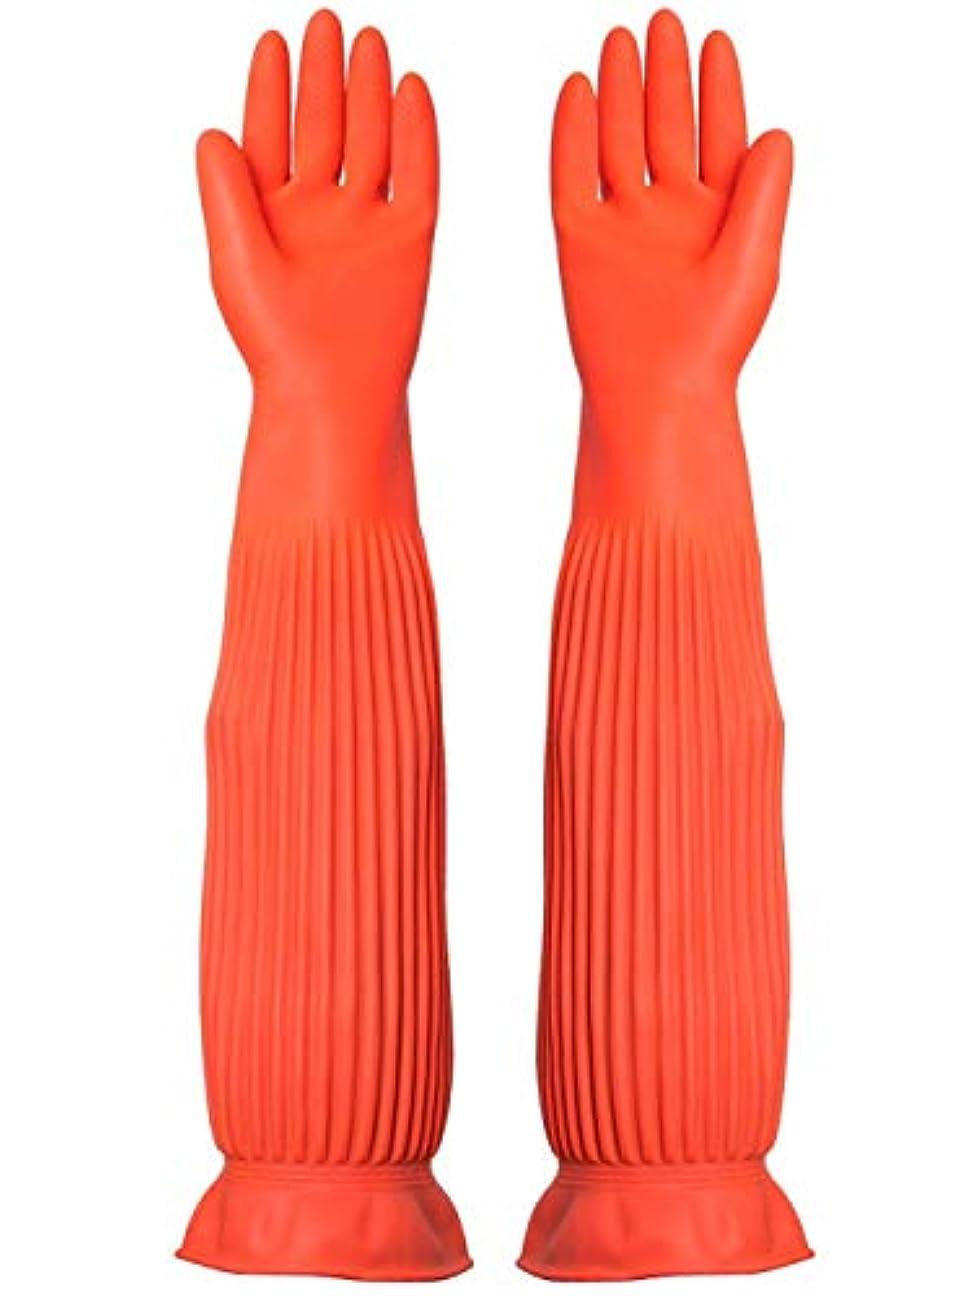 健康的約心配するニトリルゴム手袋 労働保険手袋長い防水ゴム厚の耐摩耗性ゴム手袋、1ペア 使い捨て手袋 (Color : ORANGE, Size : M)